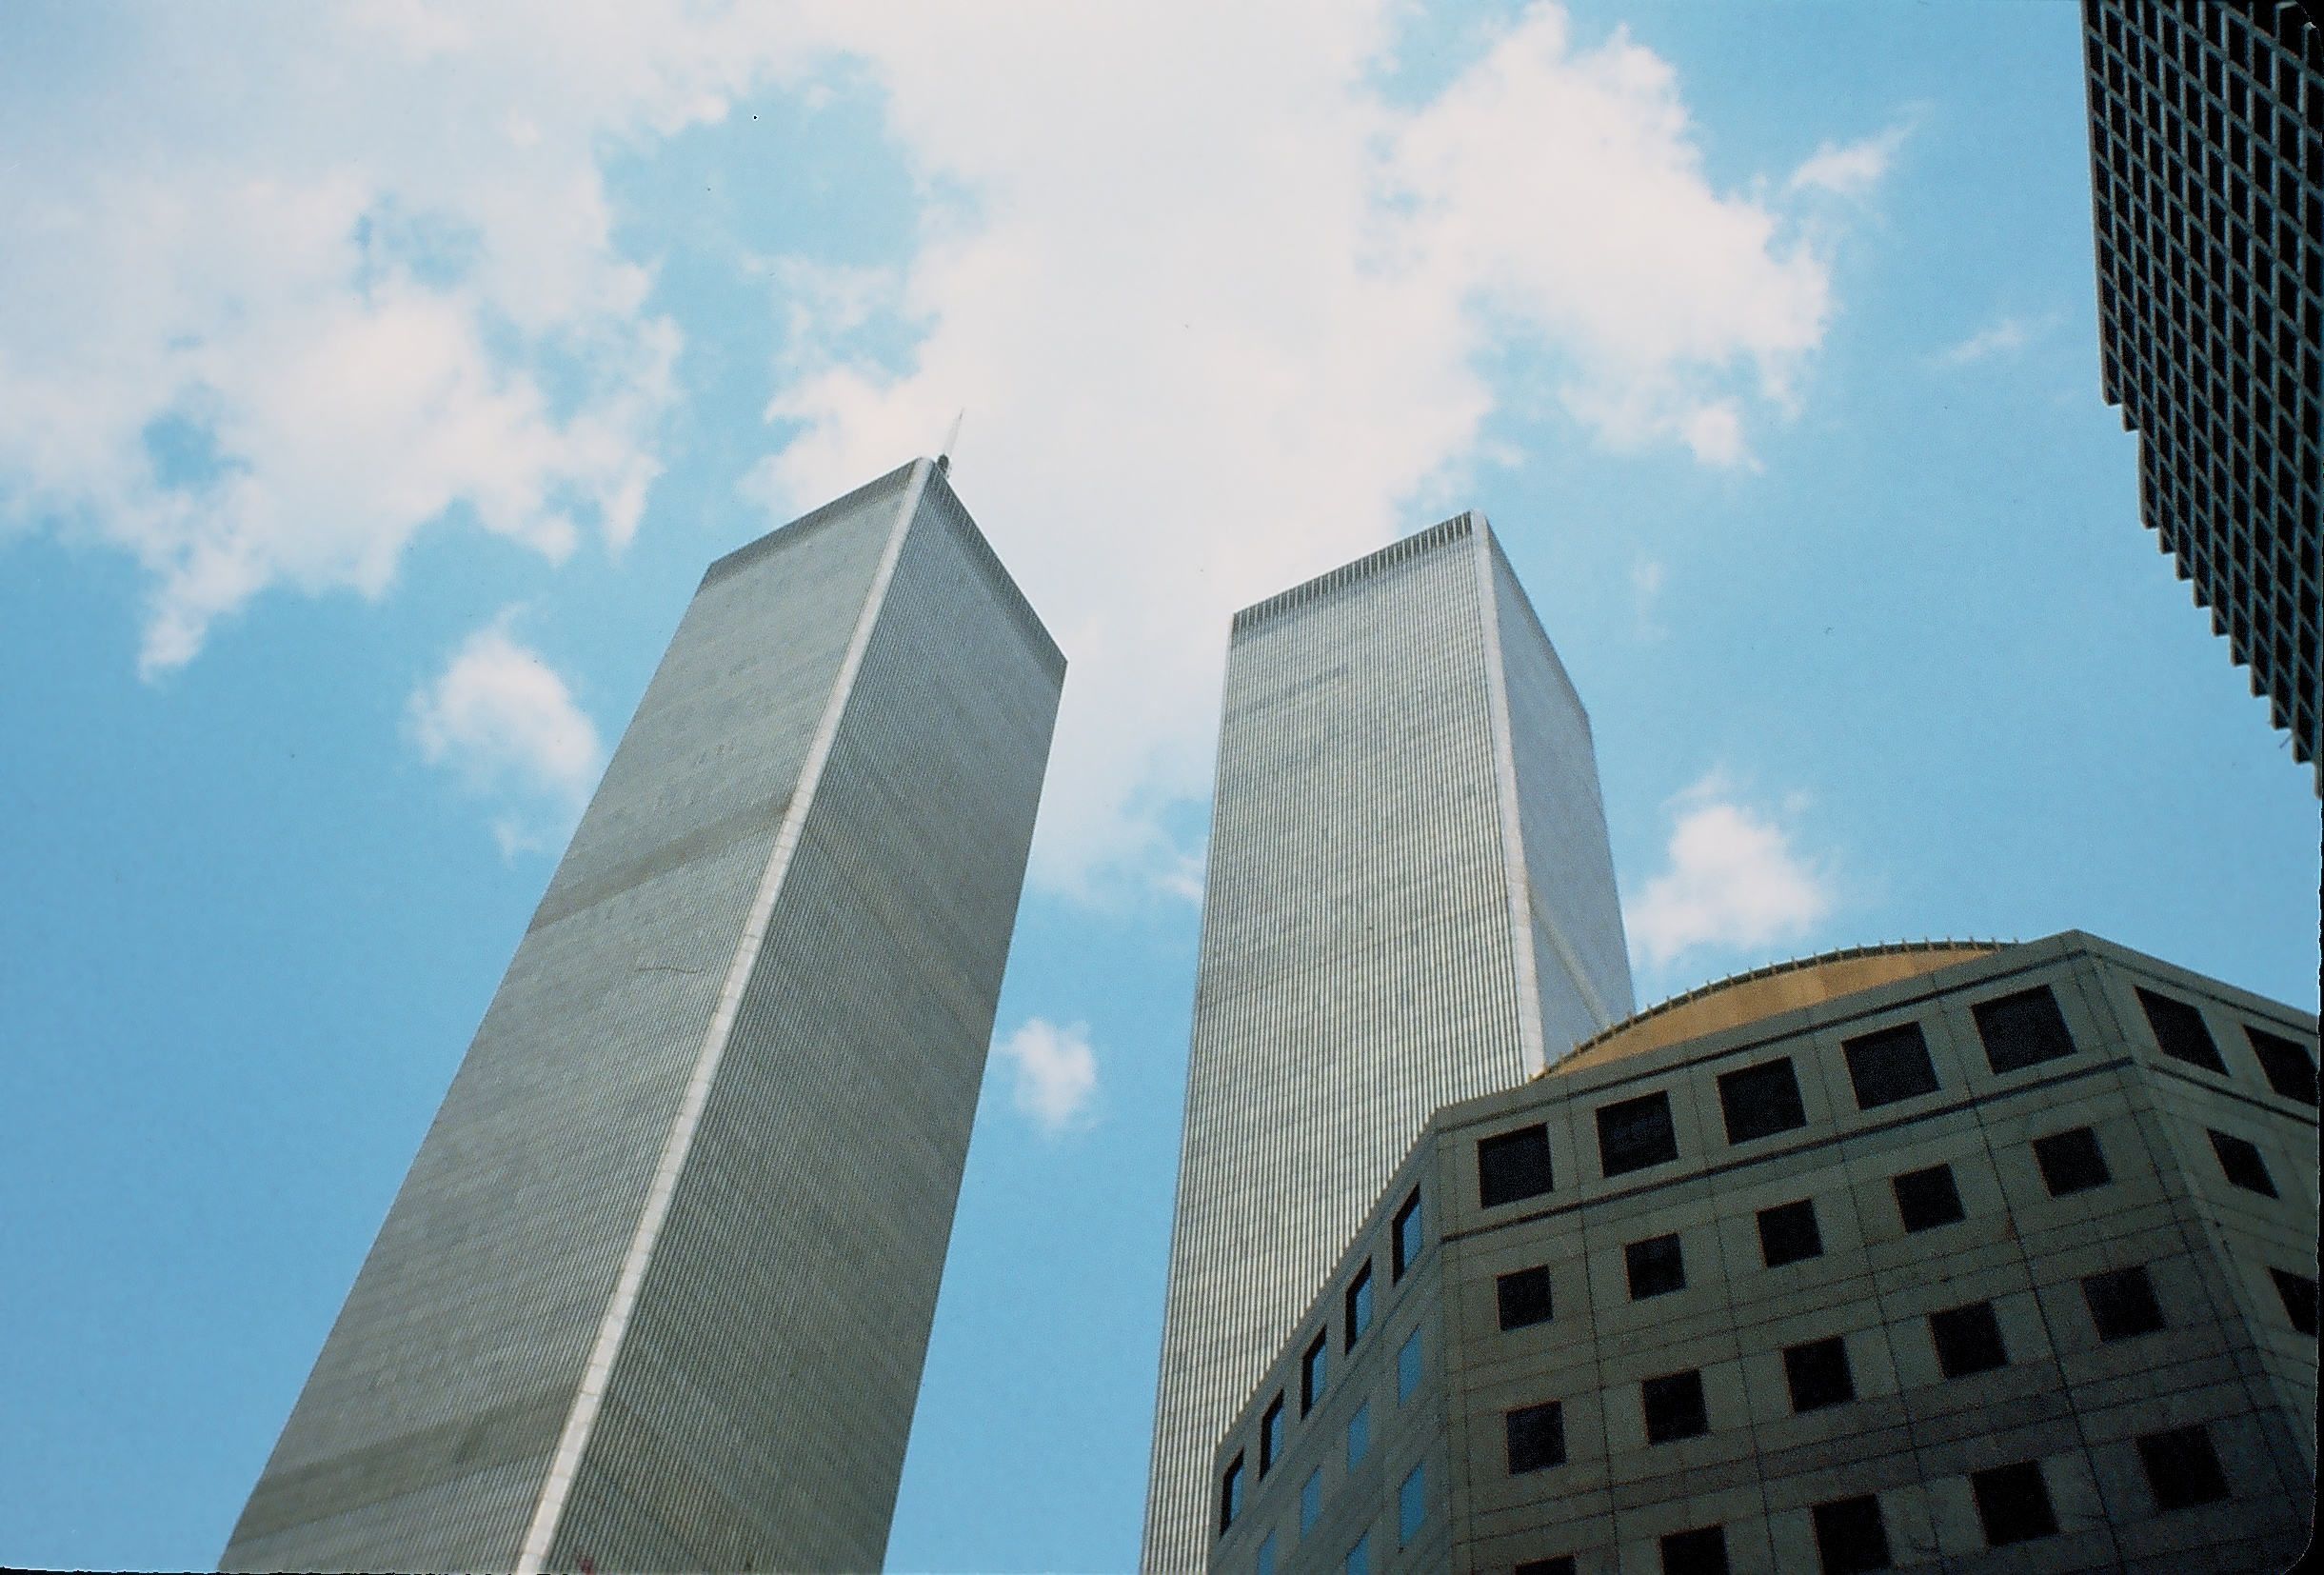 Risultati immagini per 11settembre 2001 saudi arabia